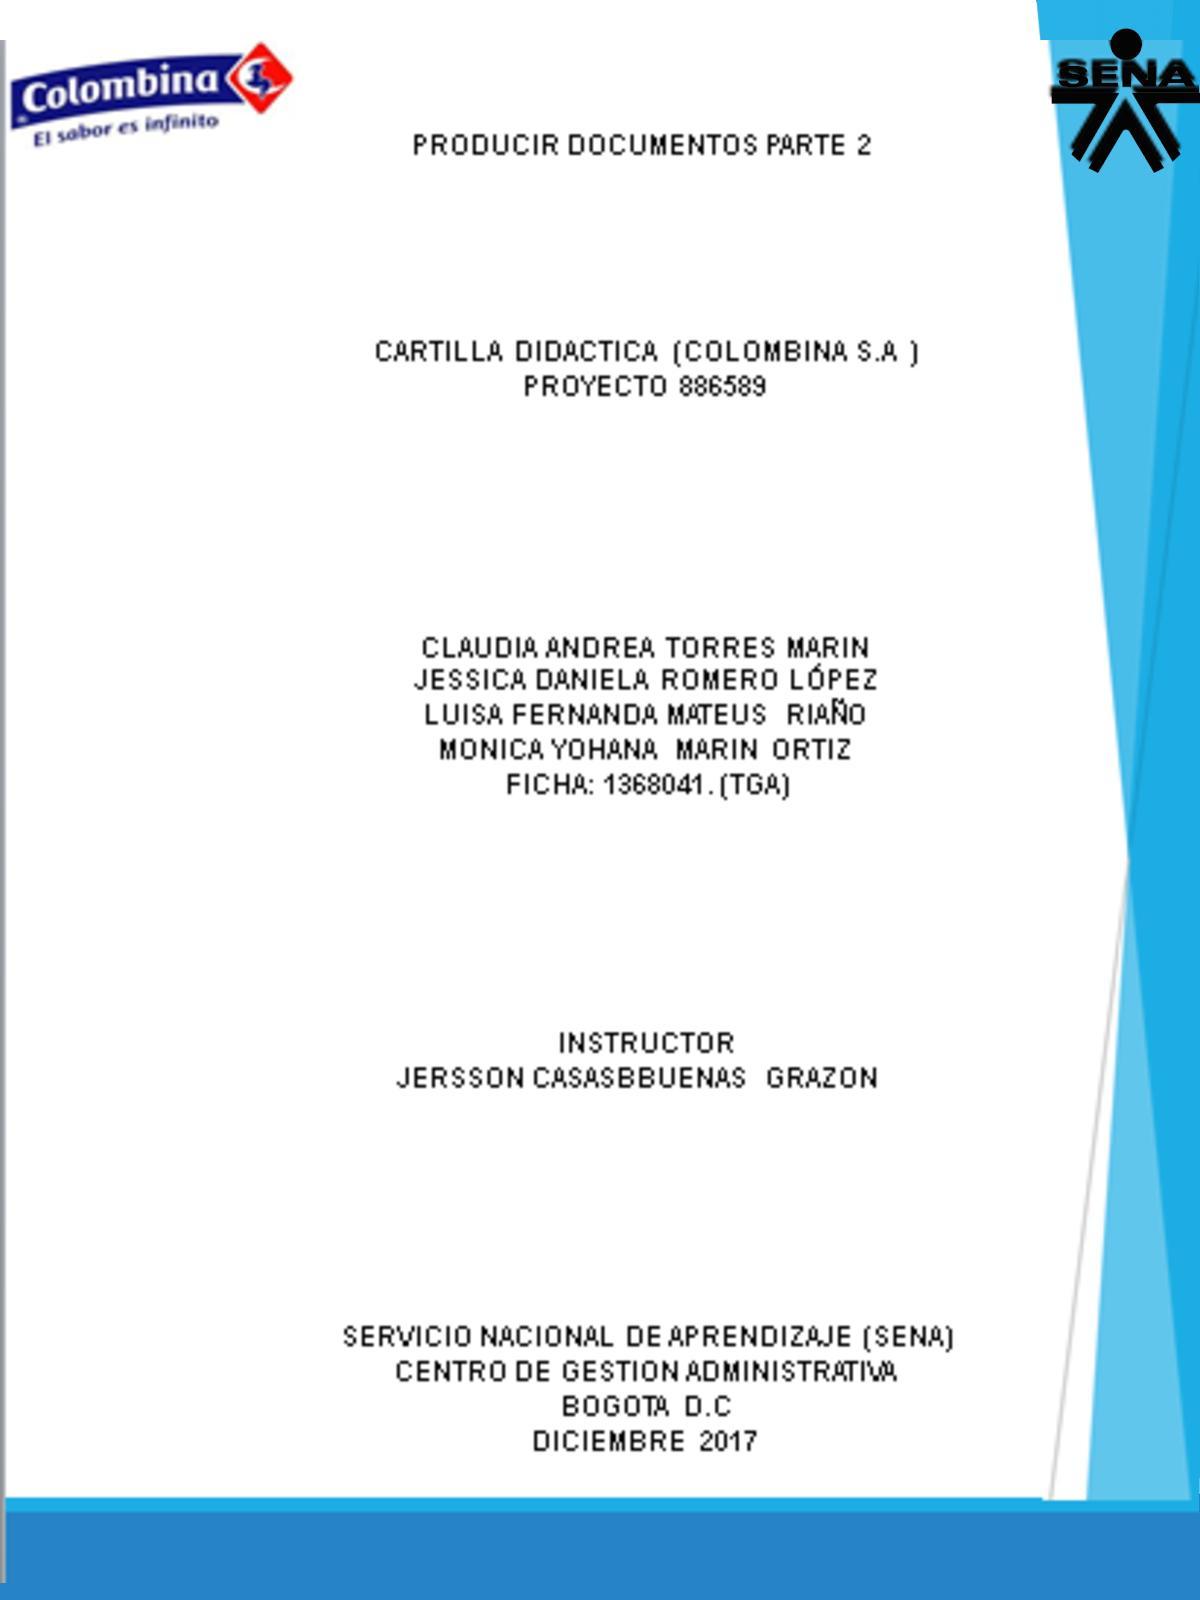 Cartilla Producir2